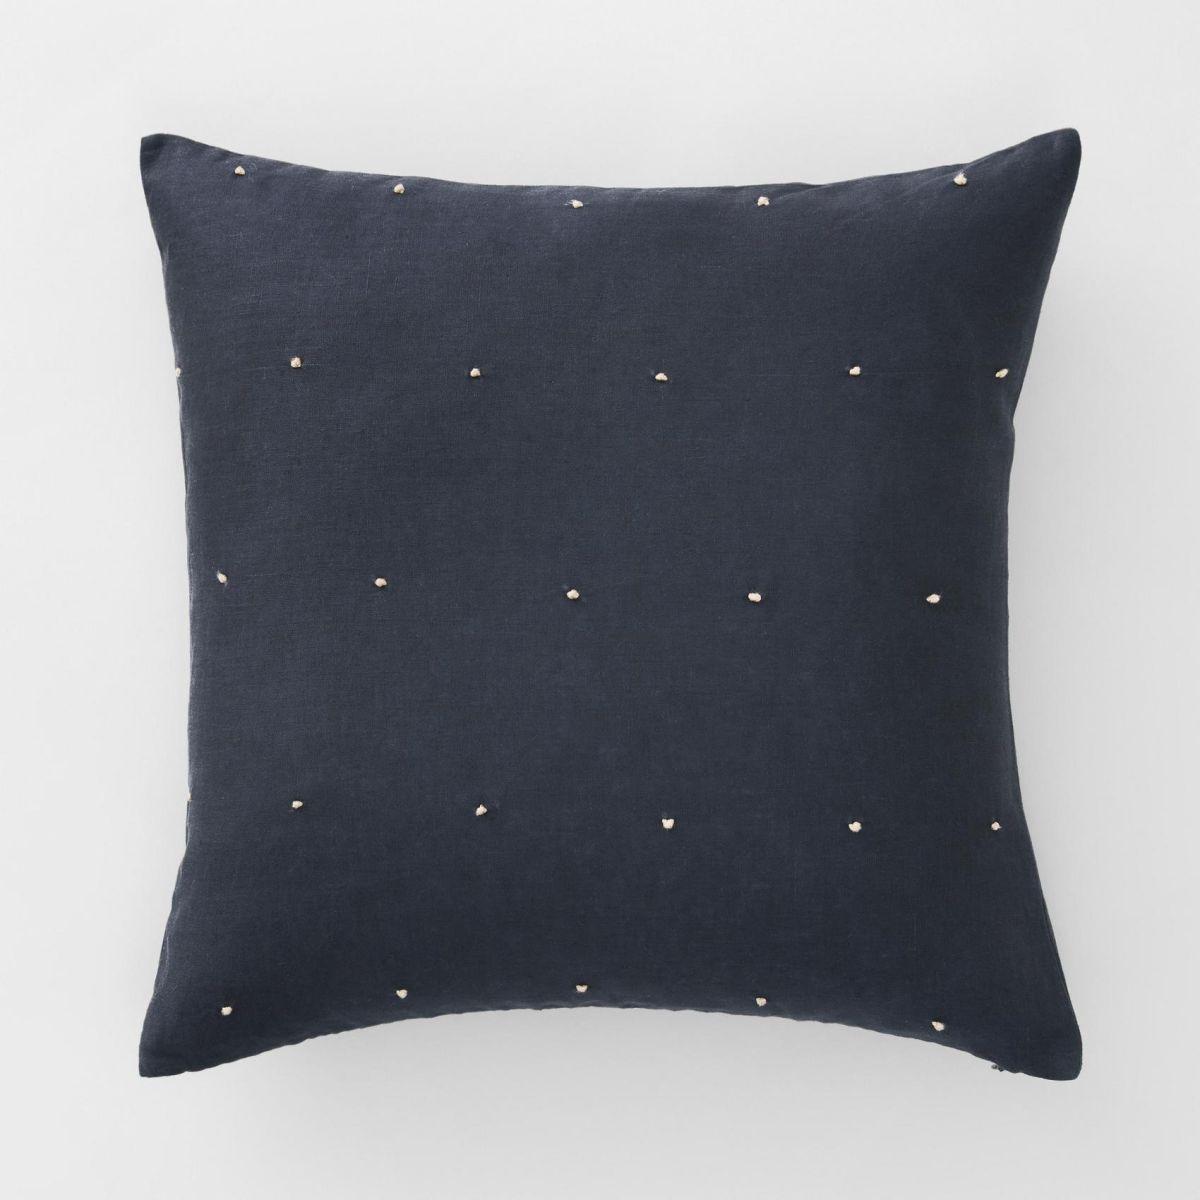 Maner Cushion